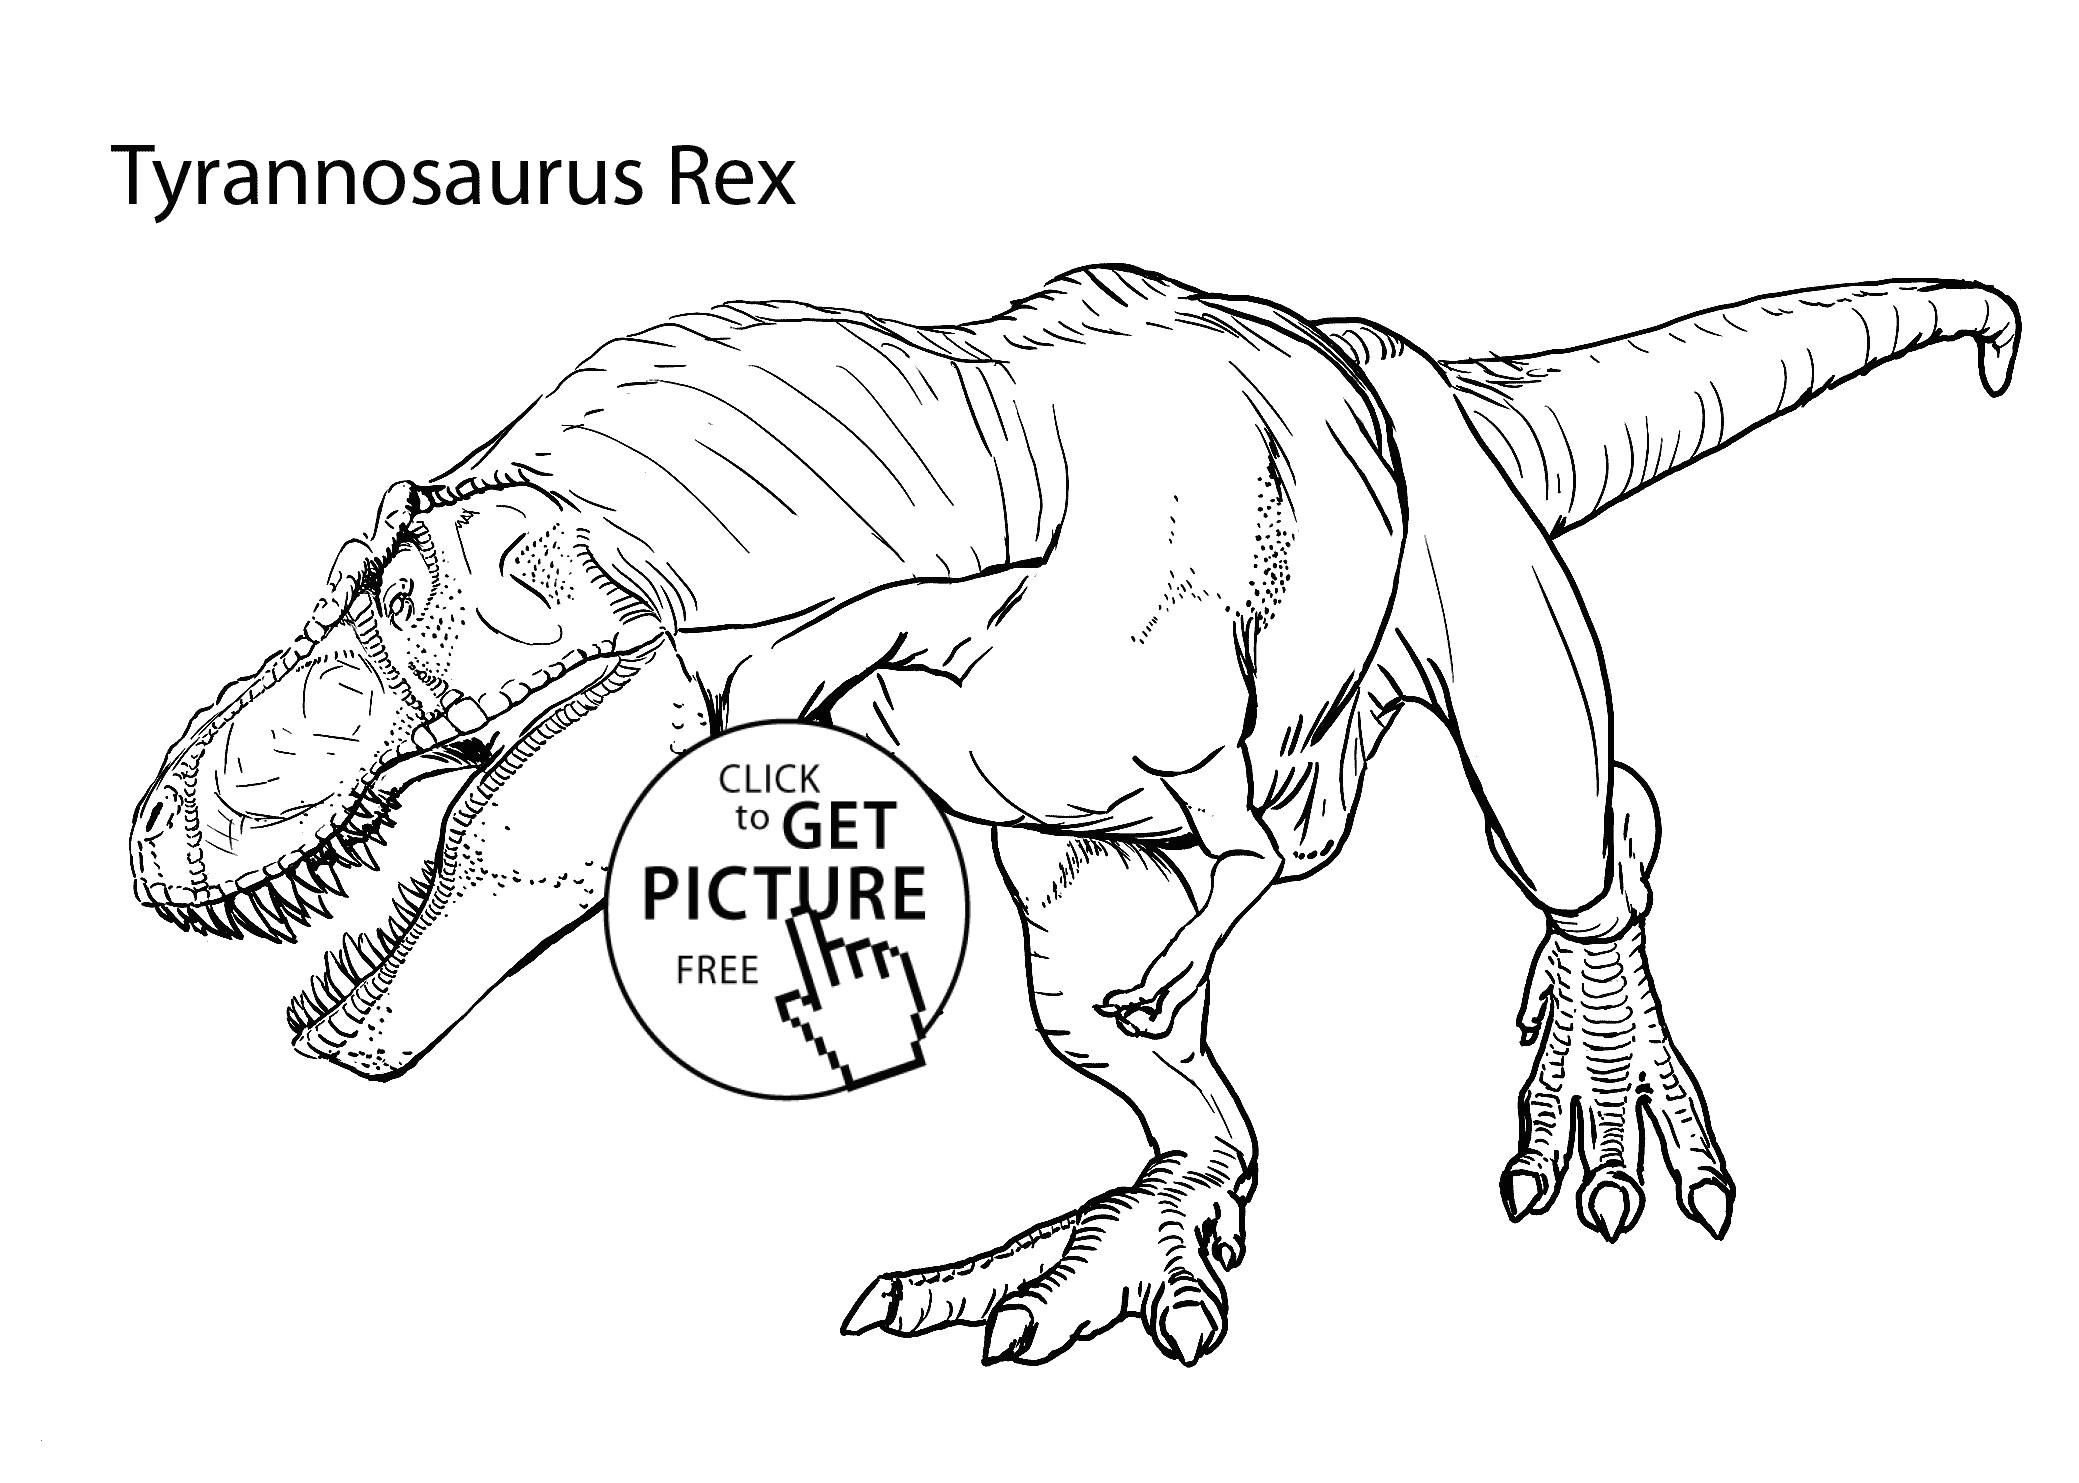 tyrannosaurus rex ausmalbild luxe stock dinosaurier ausmalbilder tyrannosaurus rex new tyrannosaurus rex